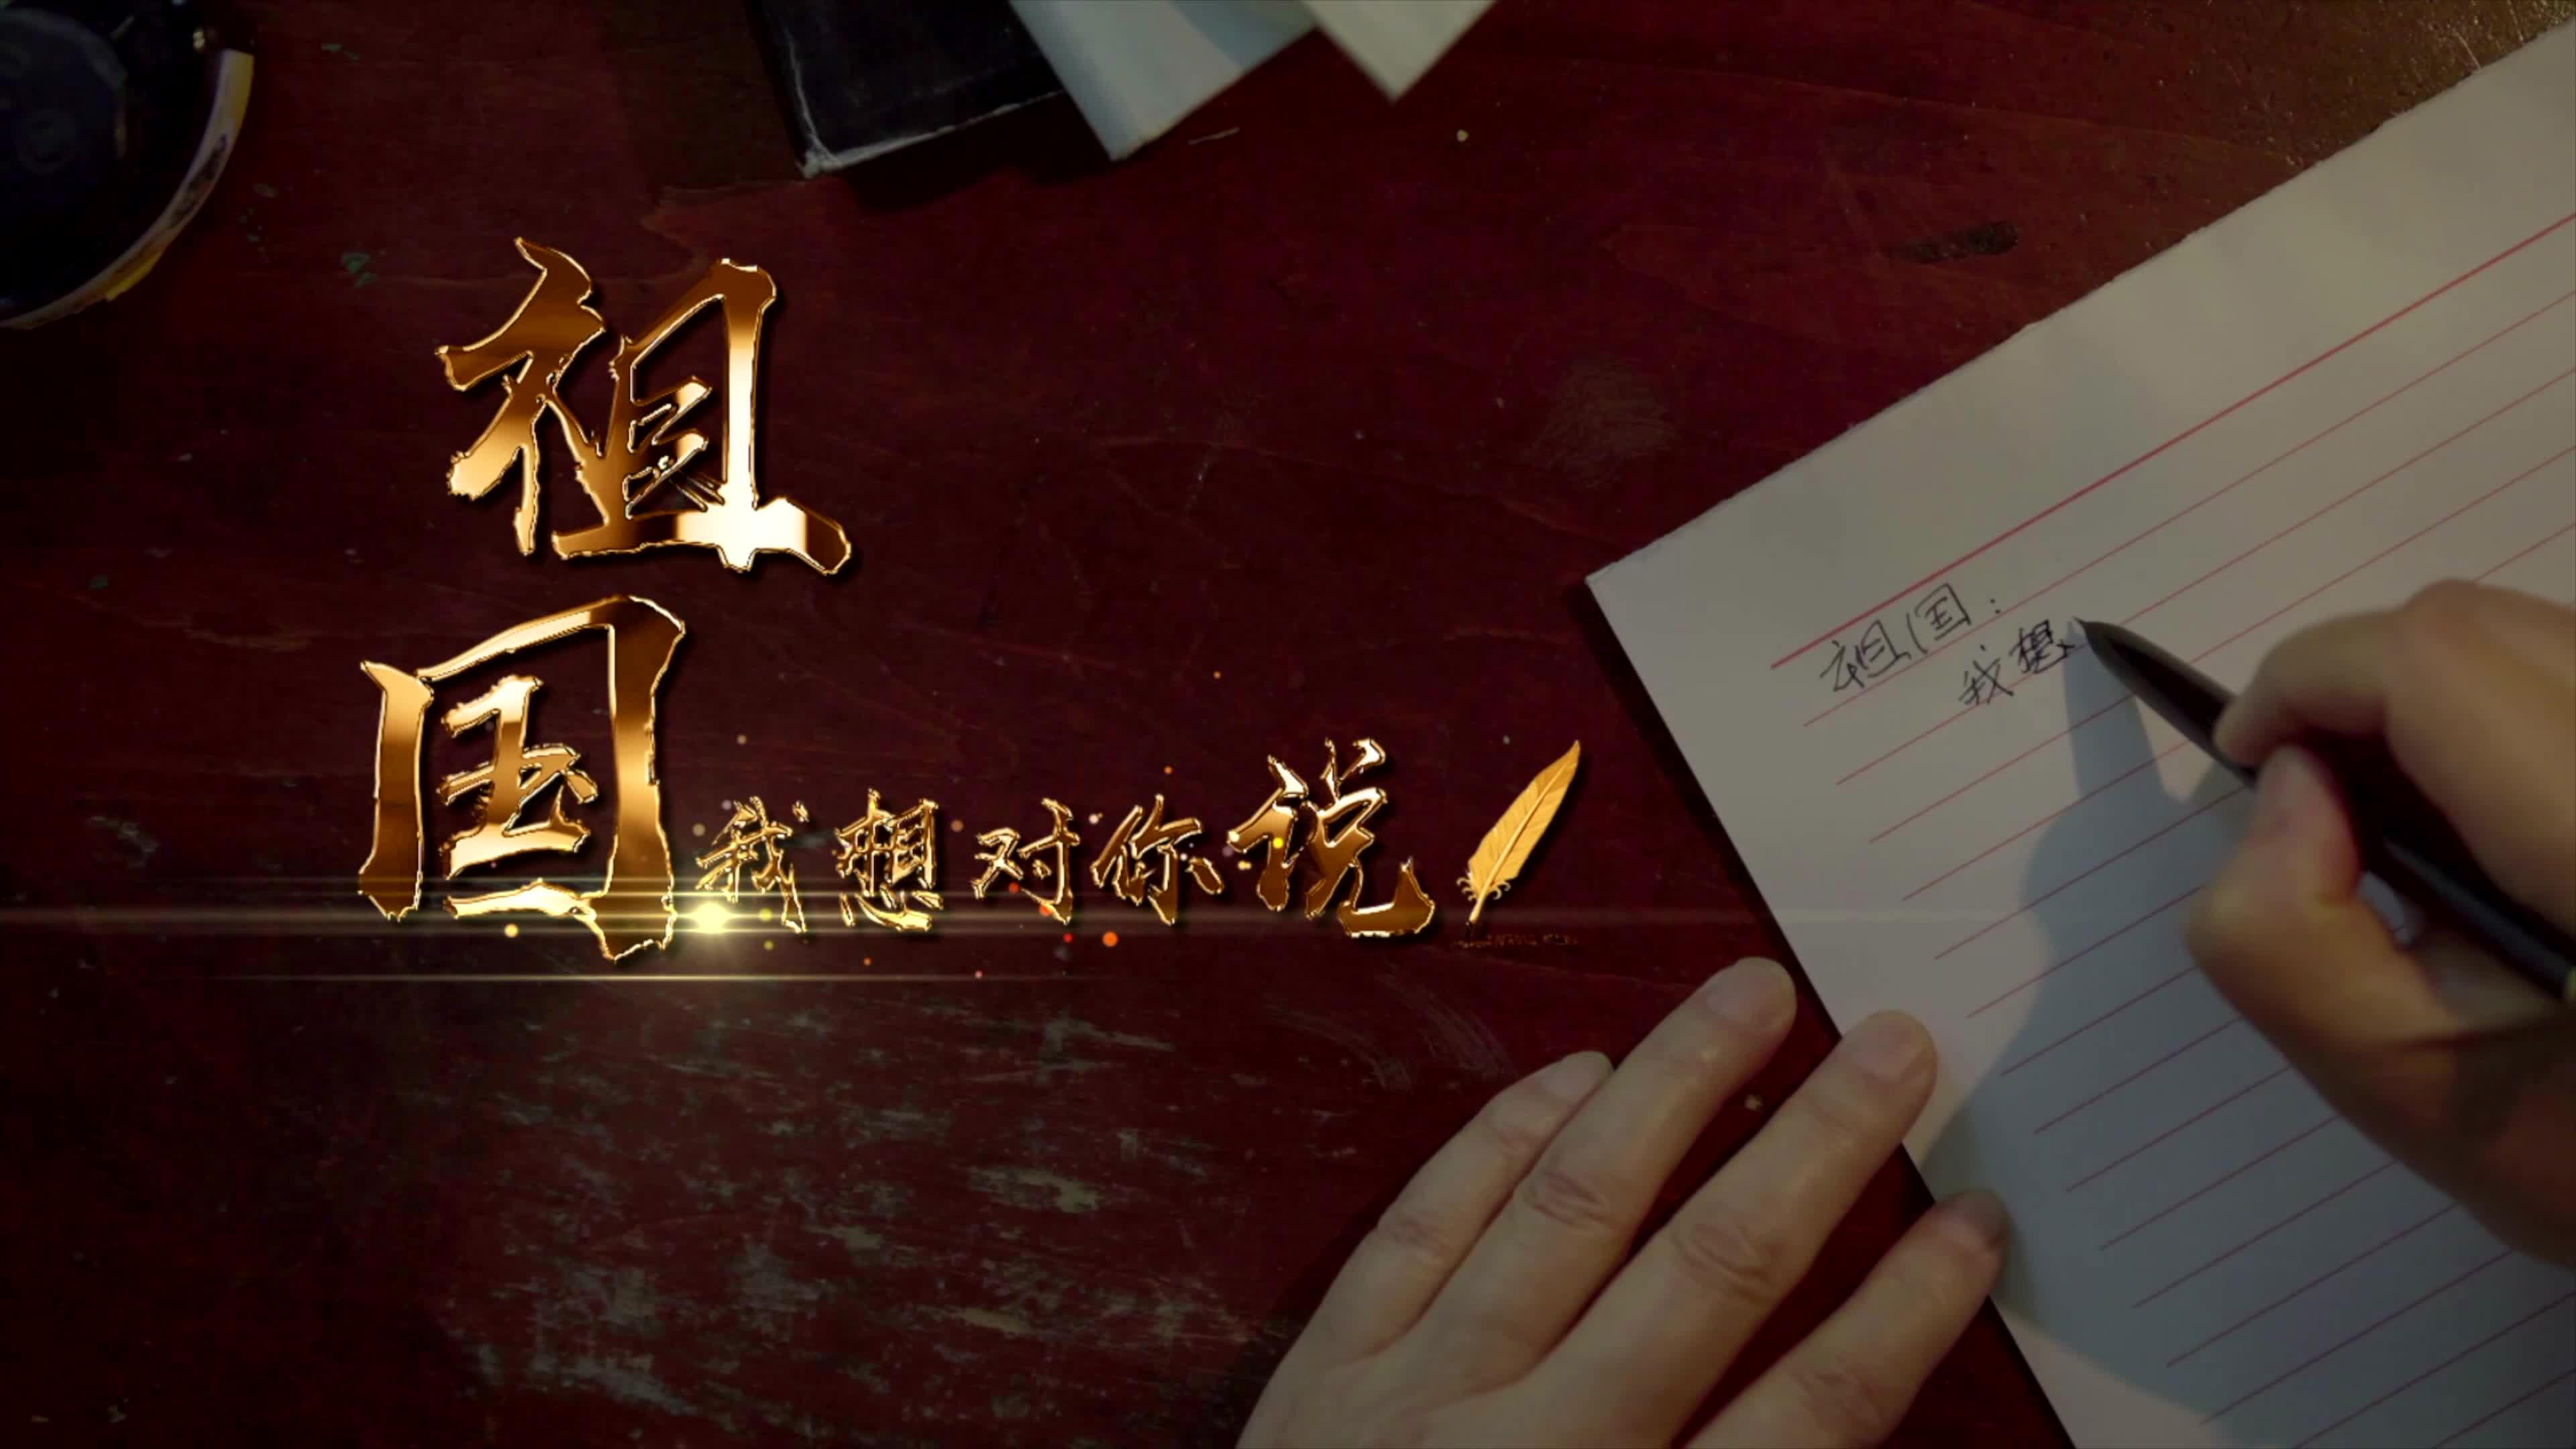 「大秦之腔唱古今 忠肝义胆属周仁」著名秦腔表演艺术家 —— 李爱琴写给祖国的一封信